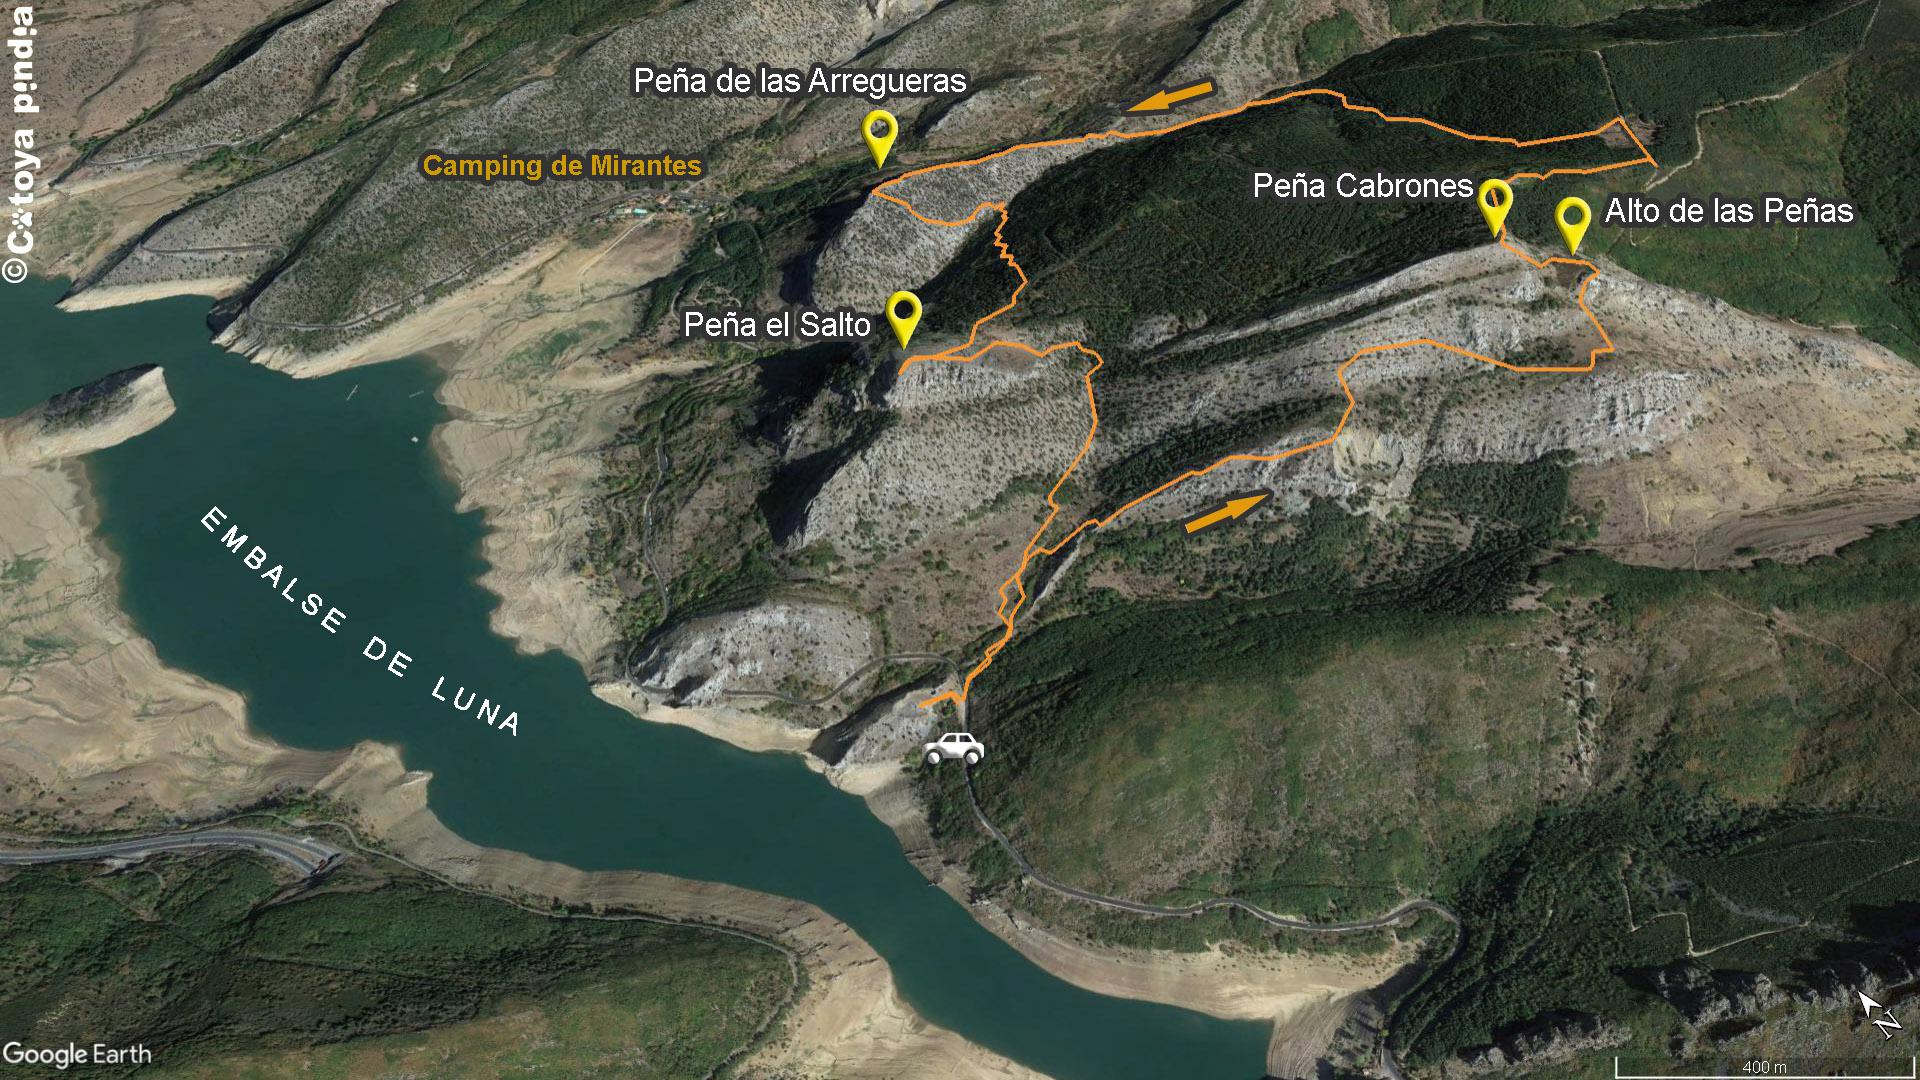 Mapa de la ruta a Peña Cabrones, Arregueras y el Salto desde Mirantes de Luna en la comarca leonesa de Luna.